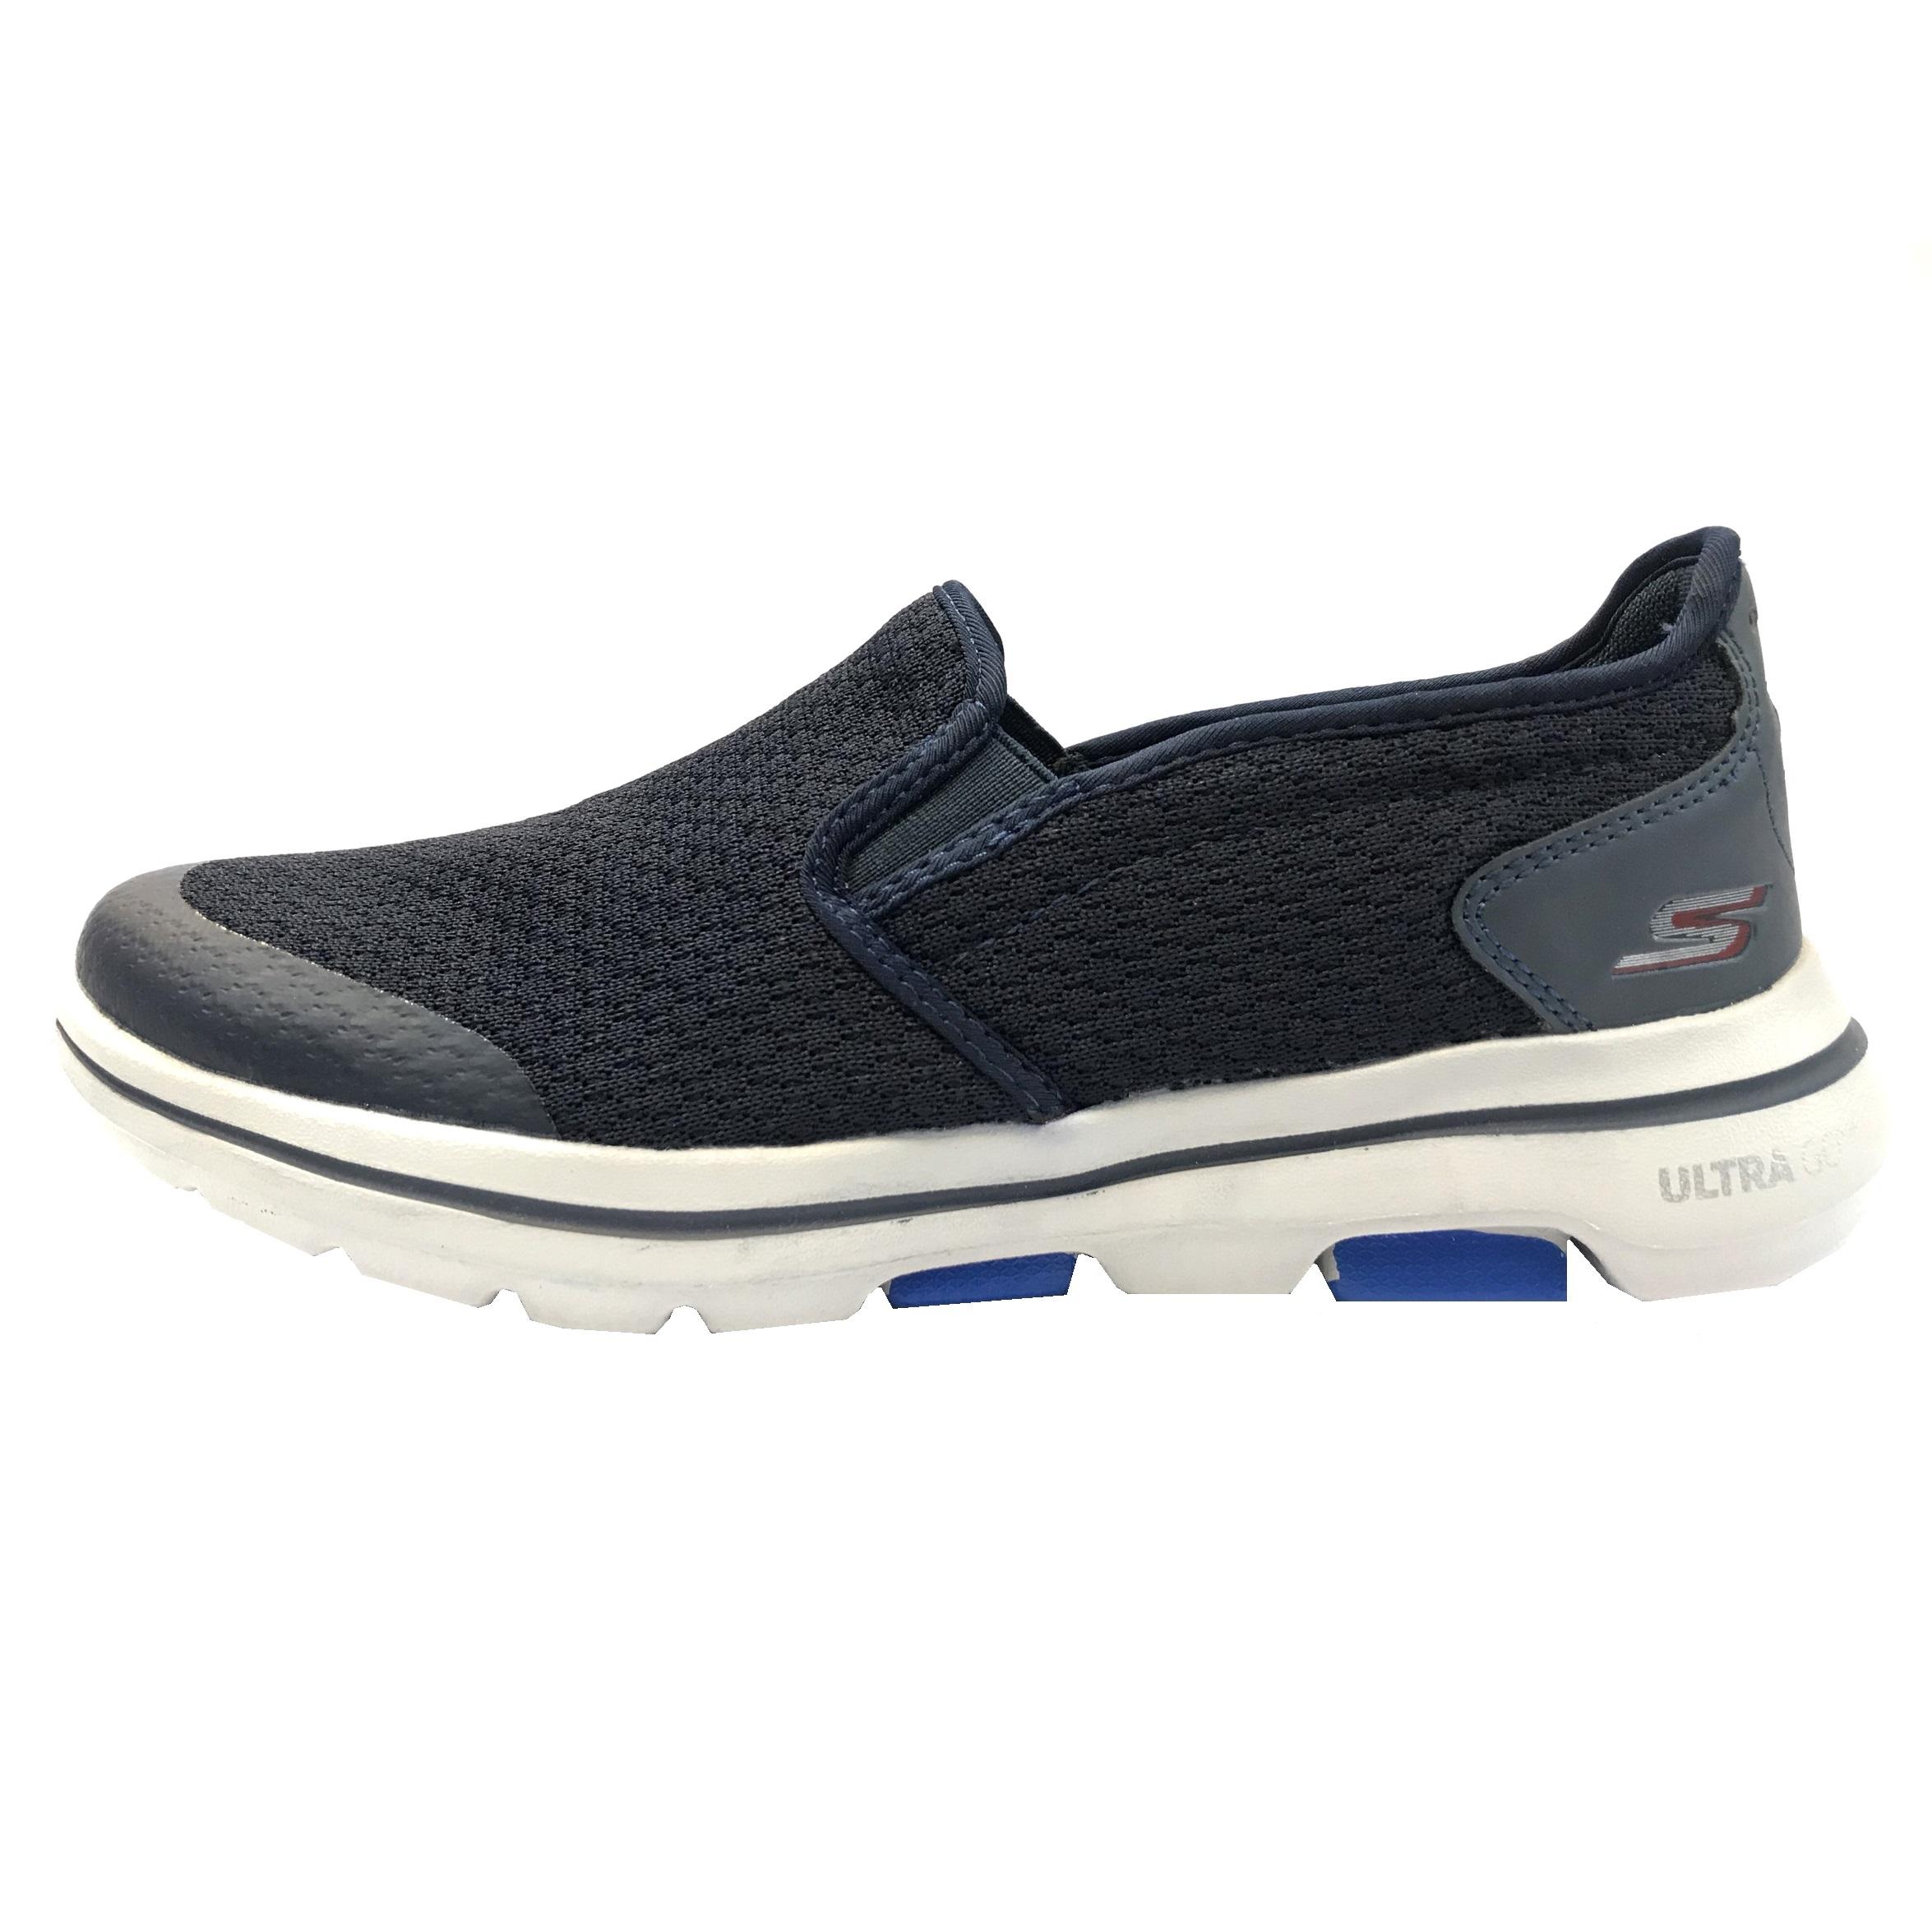 خرید                      کفش مخصوص پیاده روی مردانه اسکچرز مدل Go Walk 5-apprize              👟